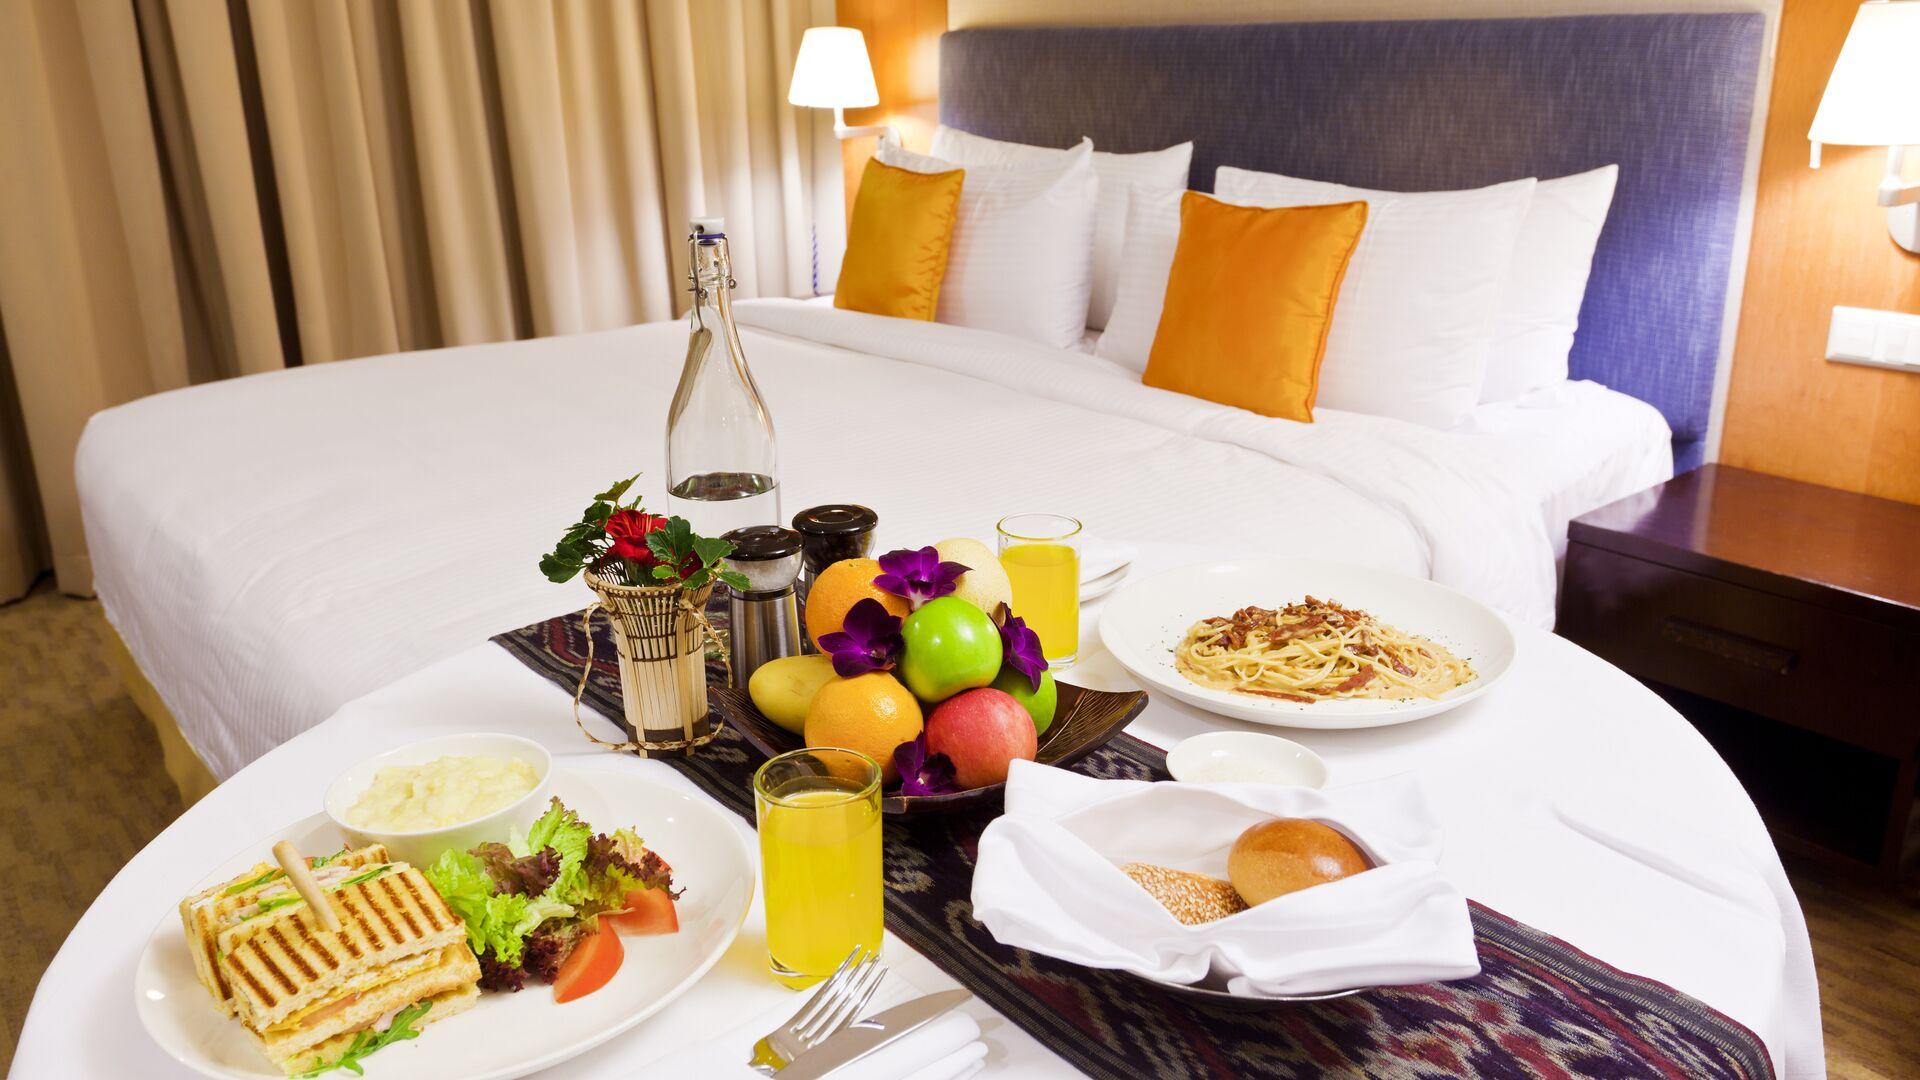 Завтрак в номер в отеле  - РИА Новости, 1920, 01.05.2021